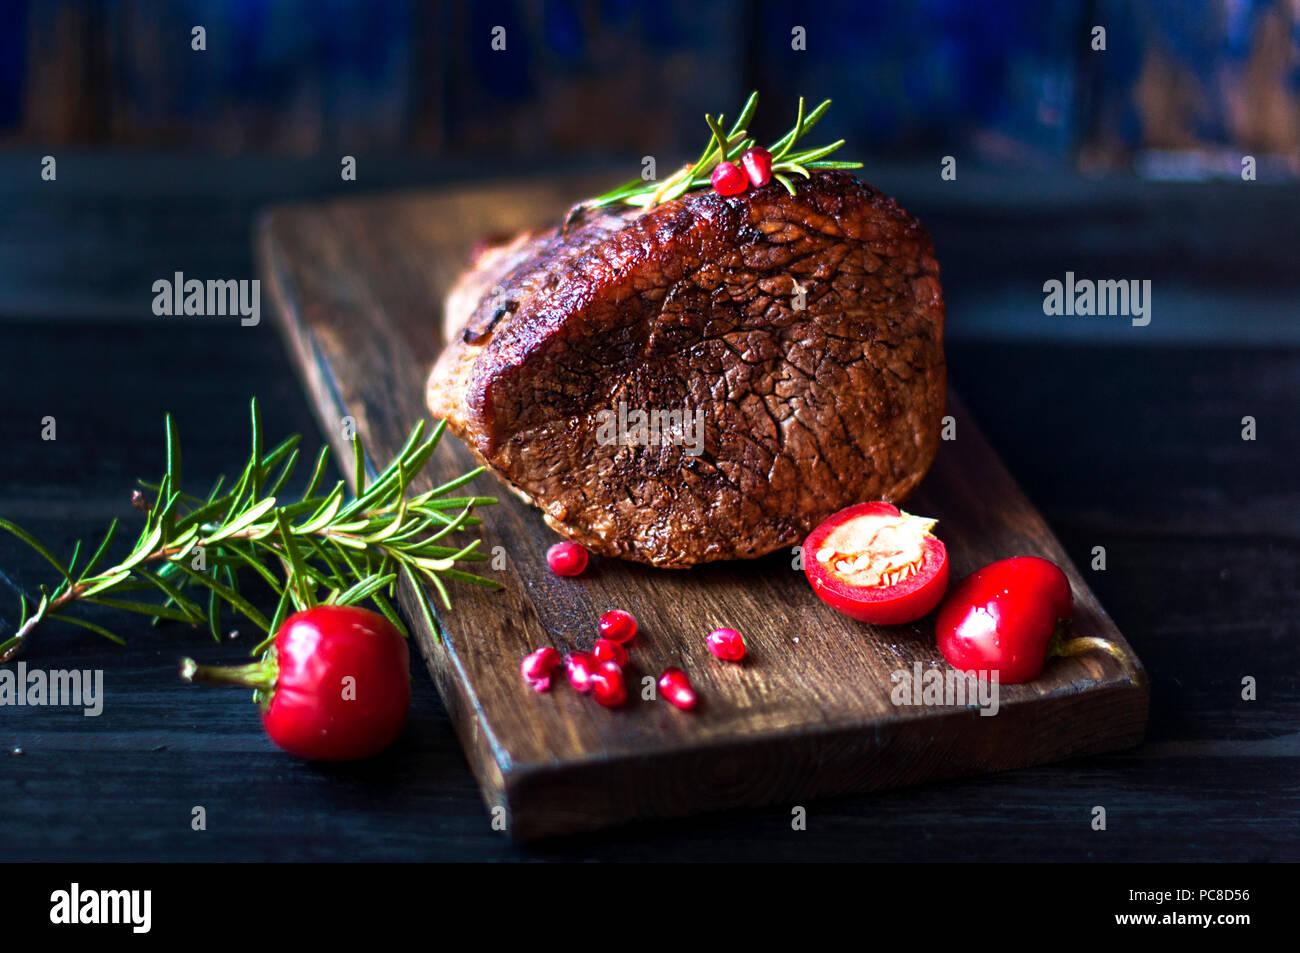 La viande cuite au four avec du romarin et du poivre. Steak de boeuf.. dîner pour les hommes. dark photo. Fond noir. planche de bois. Photo Stock